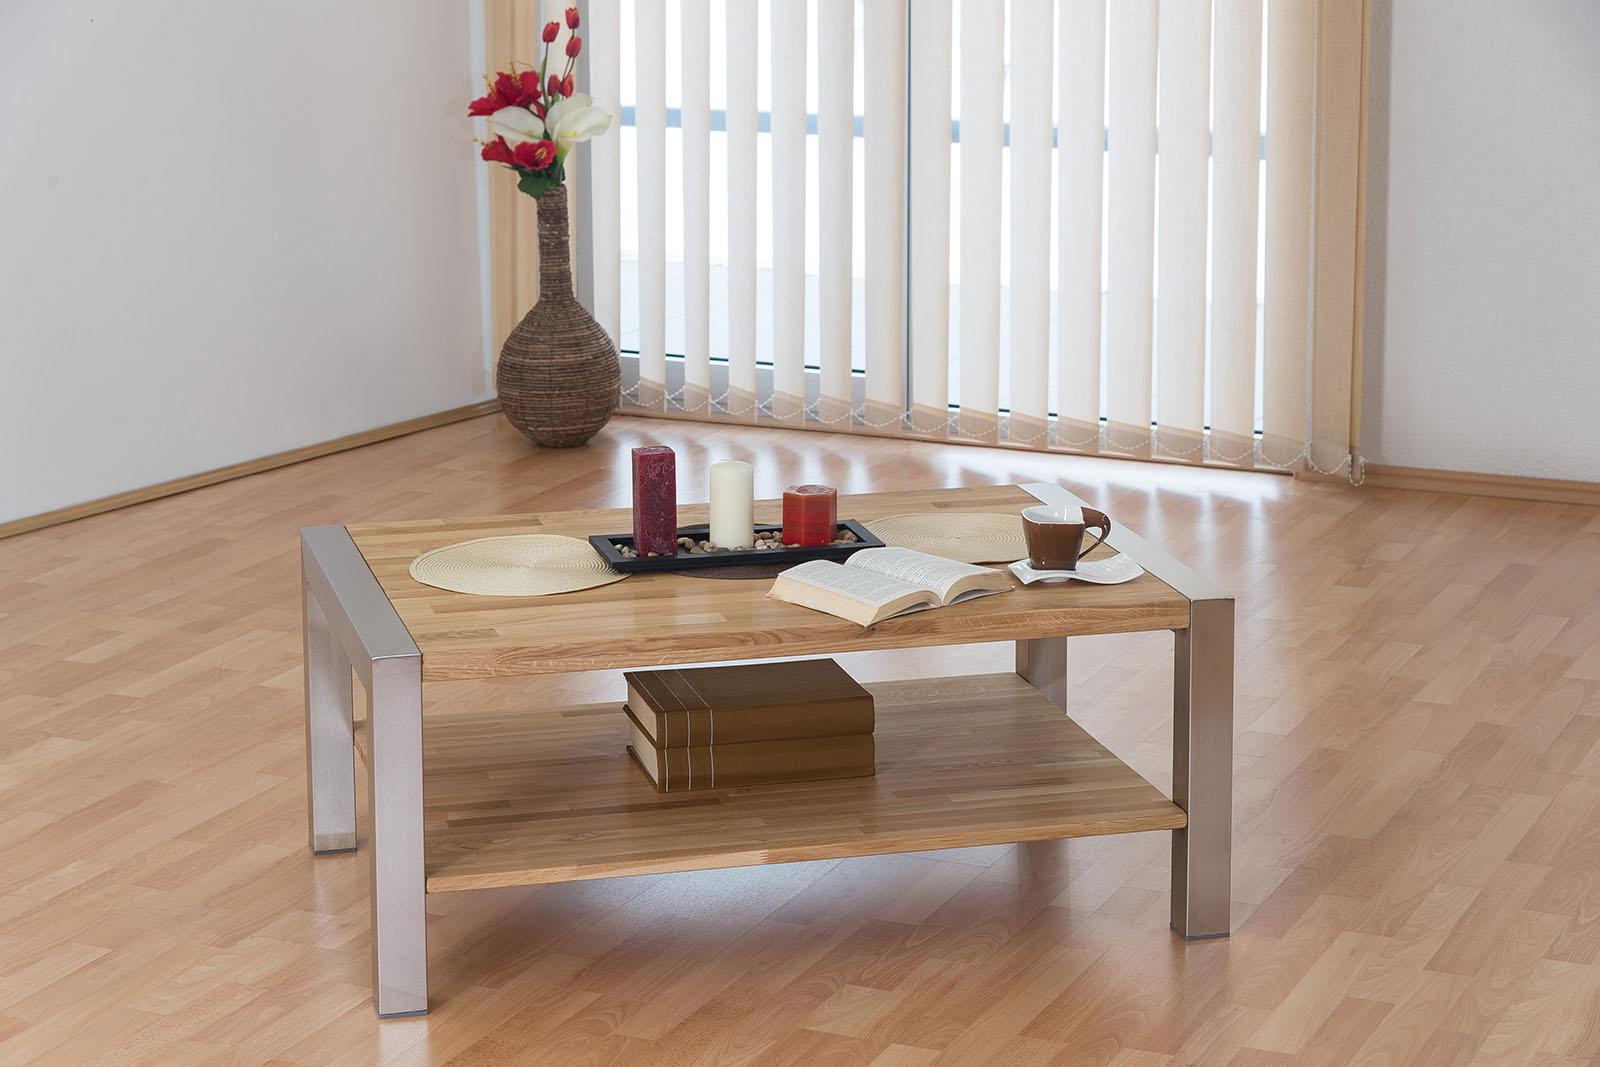 Full Size of Dico Betten Coffee Table Ct066b Mbel Einer Der Fhrenden Anbieter Von Günstig Kaufen Tempur Mit Aufbewahrung Amazon Ruf überlänge Für Teenager Möbel Boss Bett Dico Betten